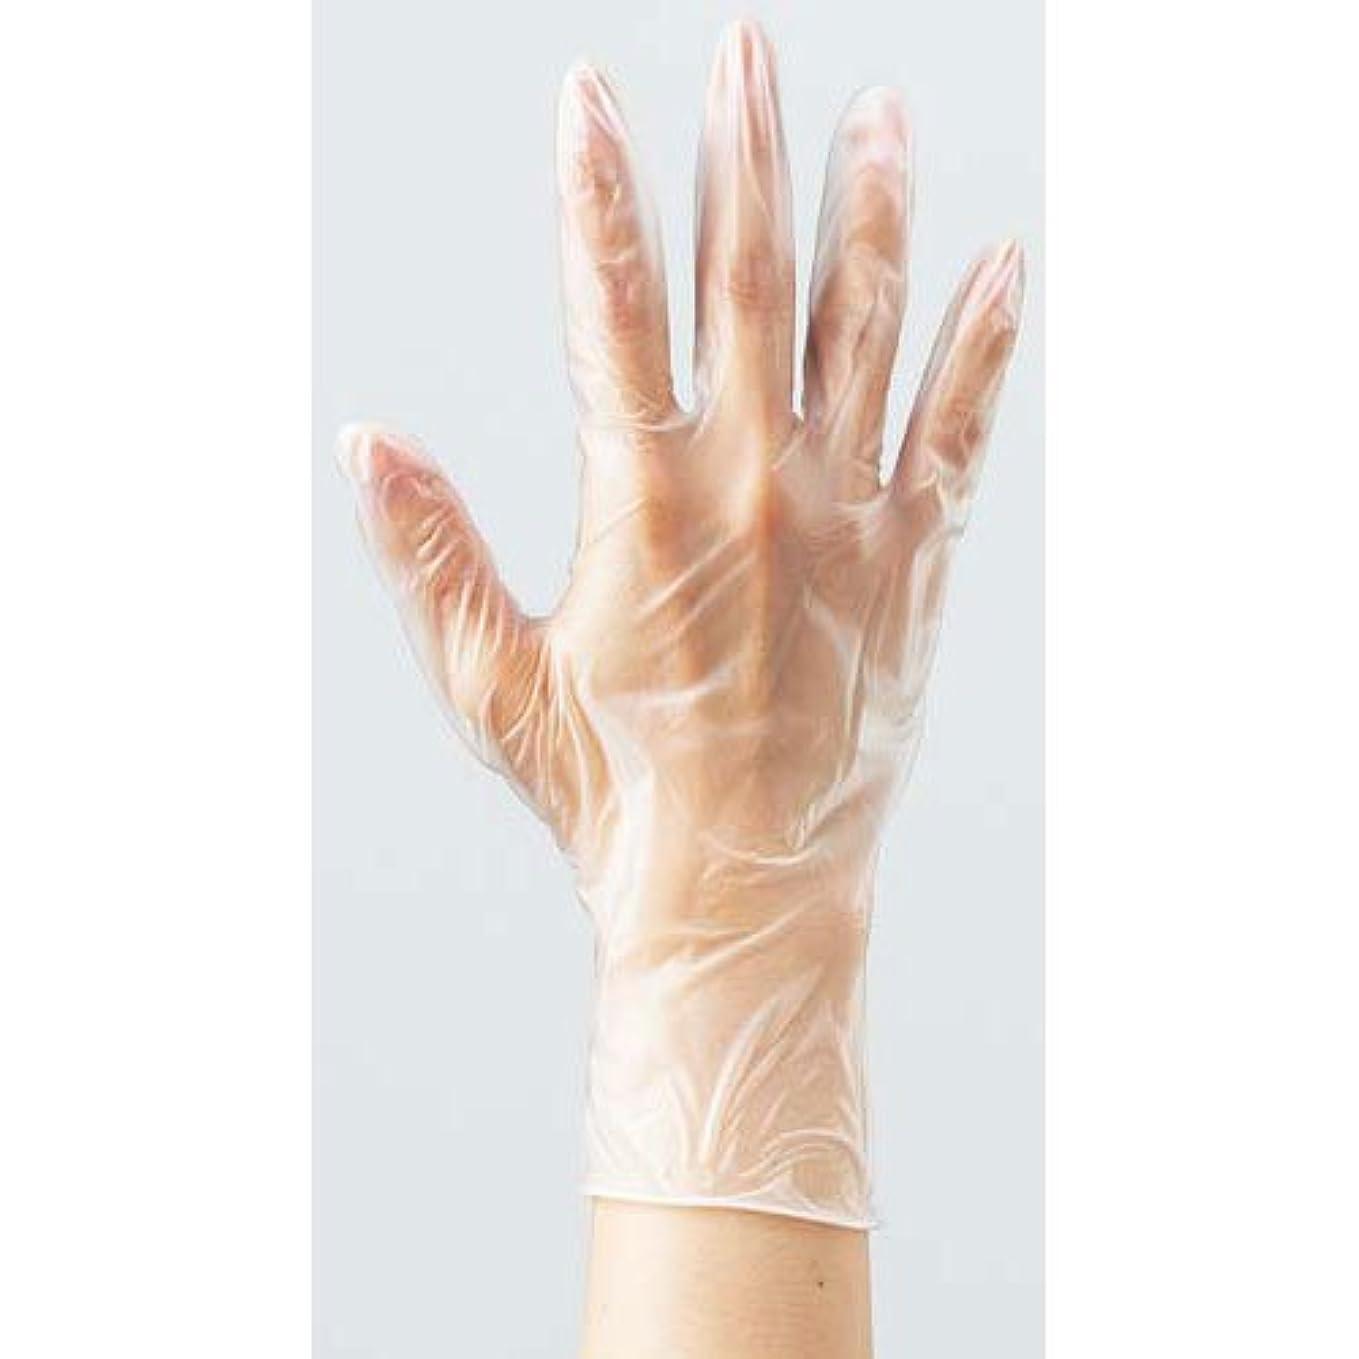 言うまでもなくインフラ関与するカウネット プラスチック手袋 袋入 粉付L 100枚